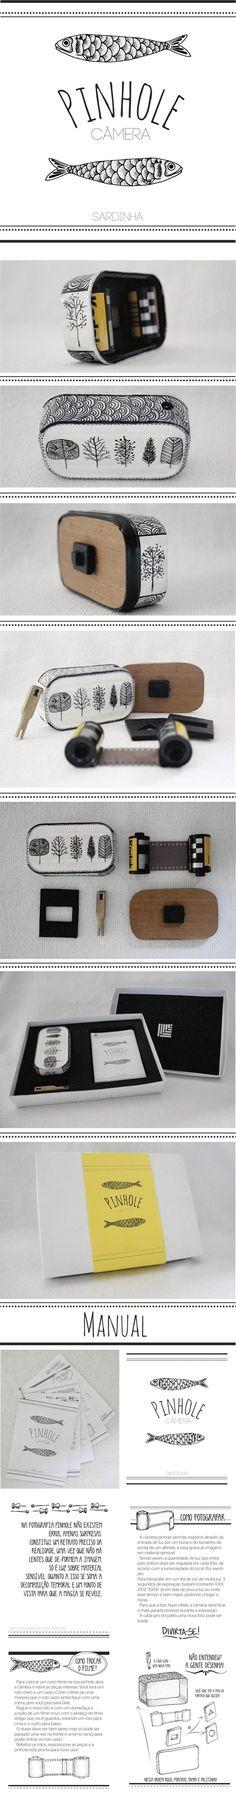 Uma Câmera Pinhole de Lata de Sardinha